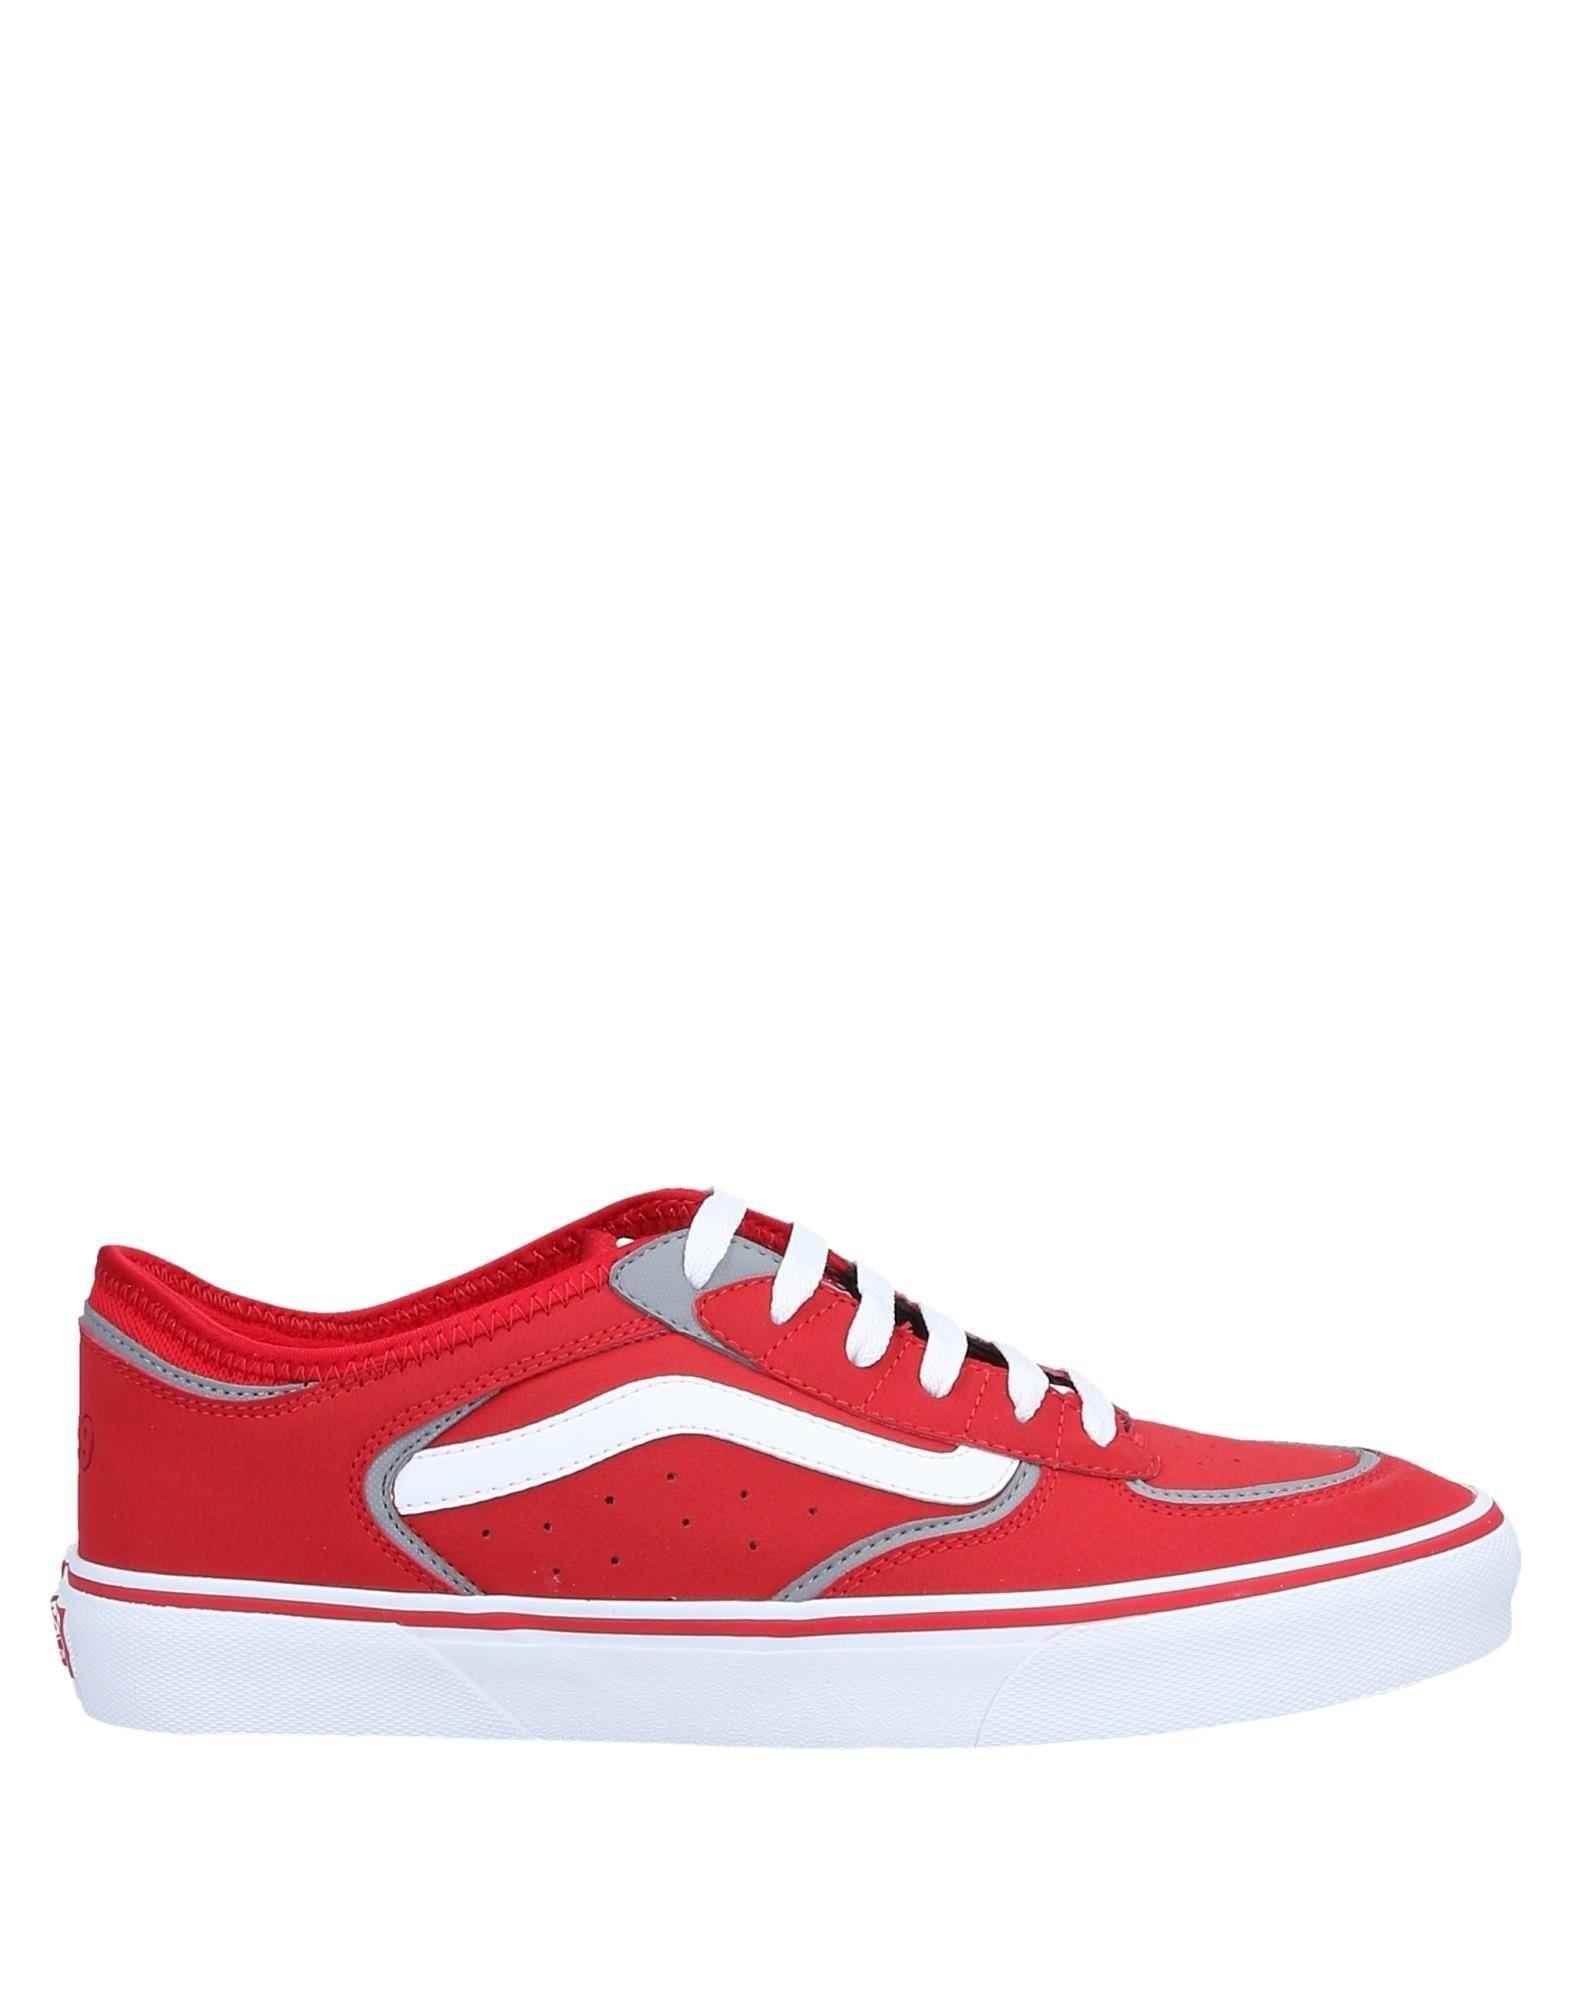 Rabatt echte Sneakers Schuhe Vans Sneakers echte Herren  11573403DE 26ff50